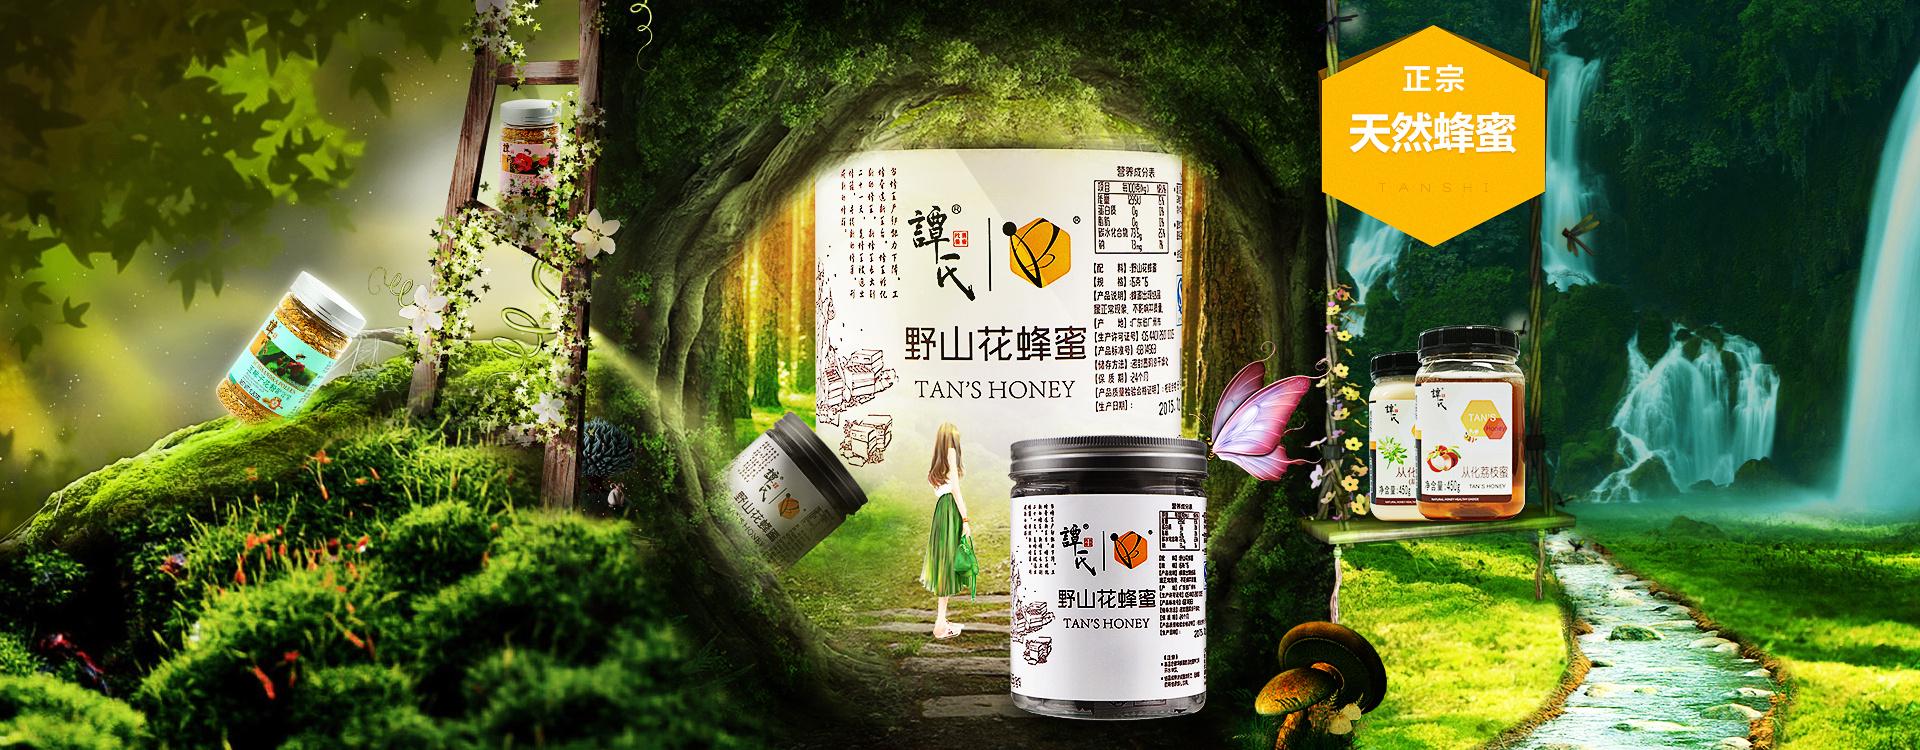 网上蜂蜜广告方案_蜂蜜banner 网页 Banner/广告图 夜魔007 - 原创作品 - 站酷 (ZCOOL)